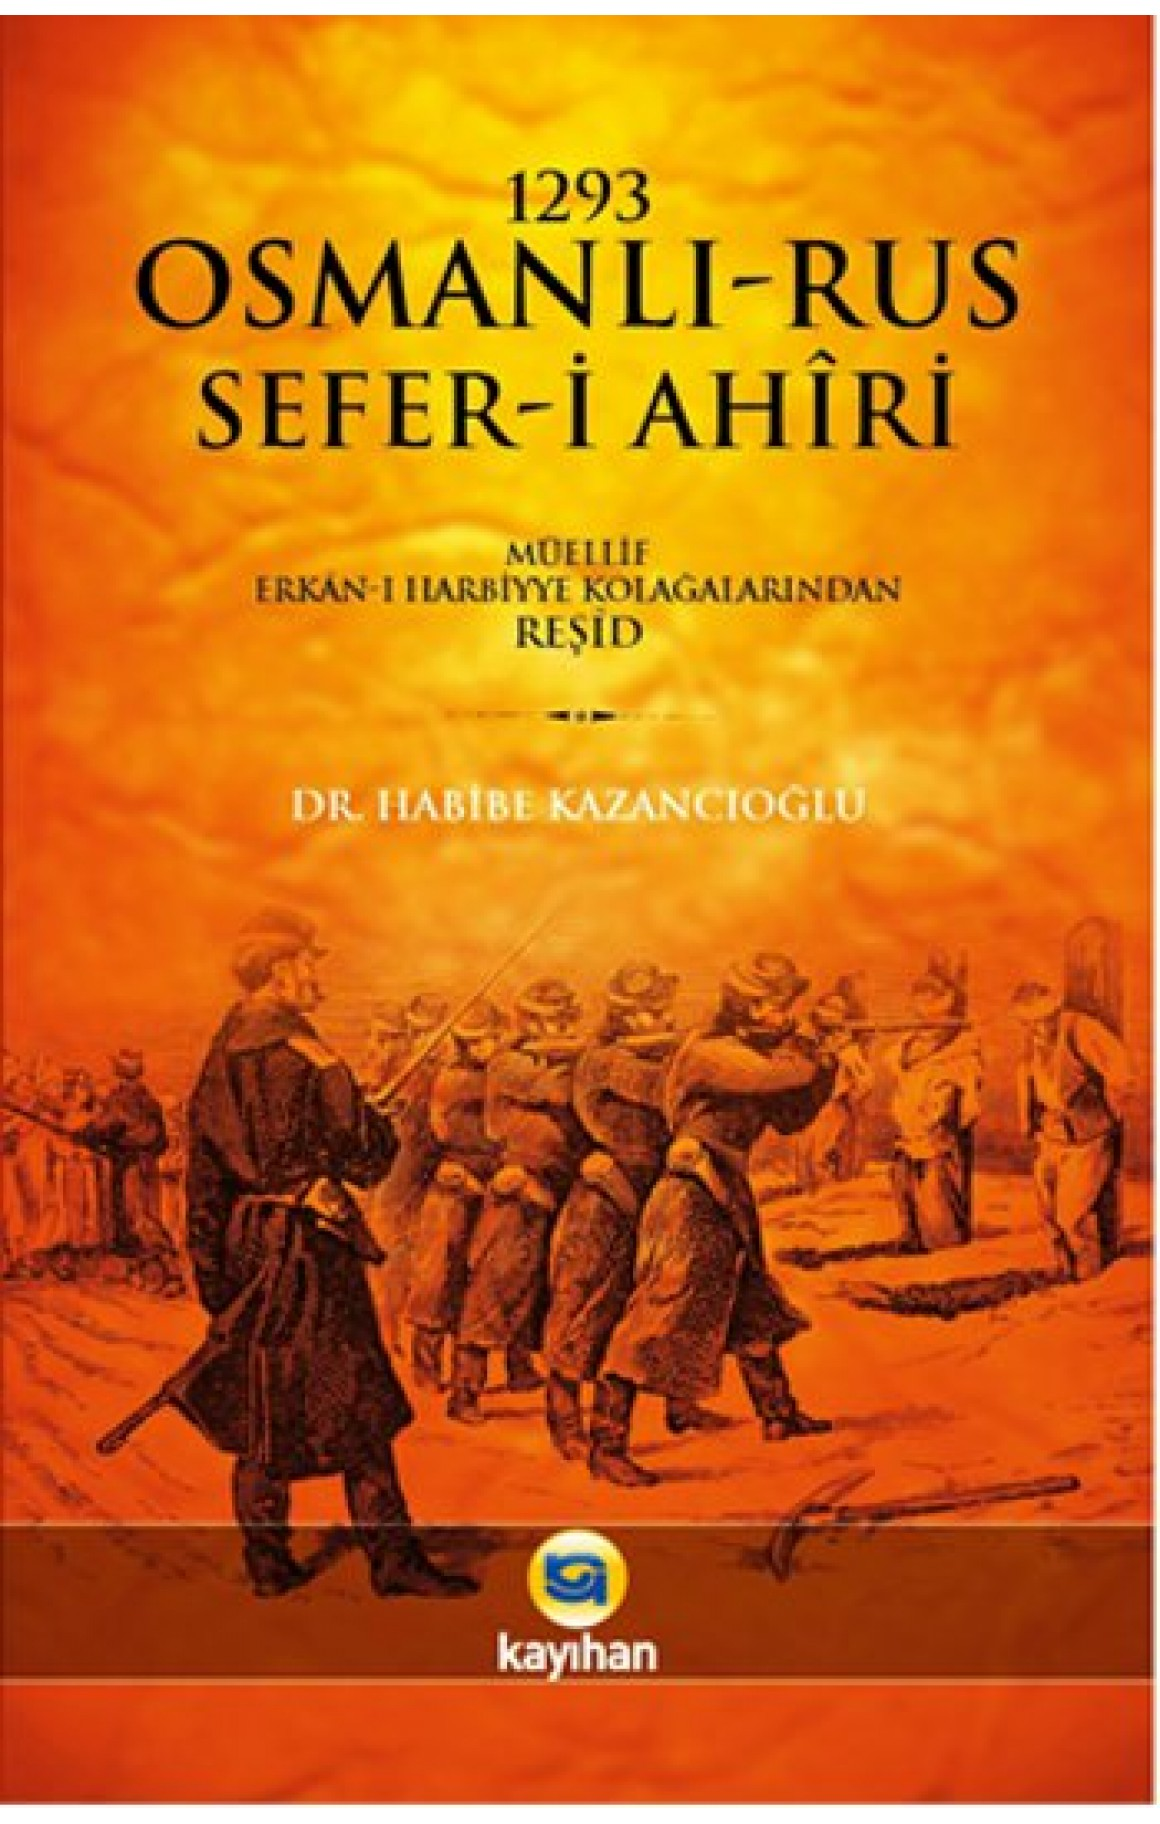 1293 Osmanlı - Rus Sefer-i Ahiri